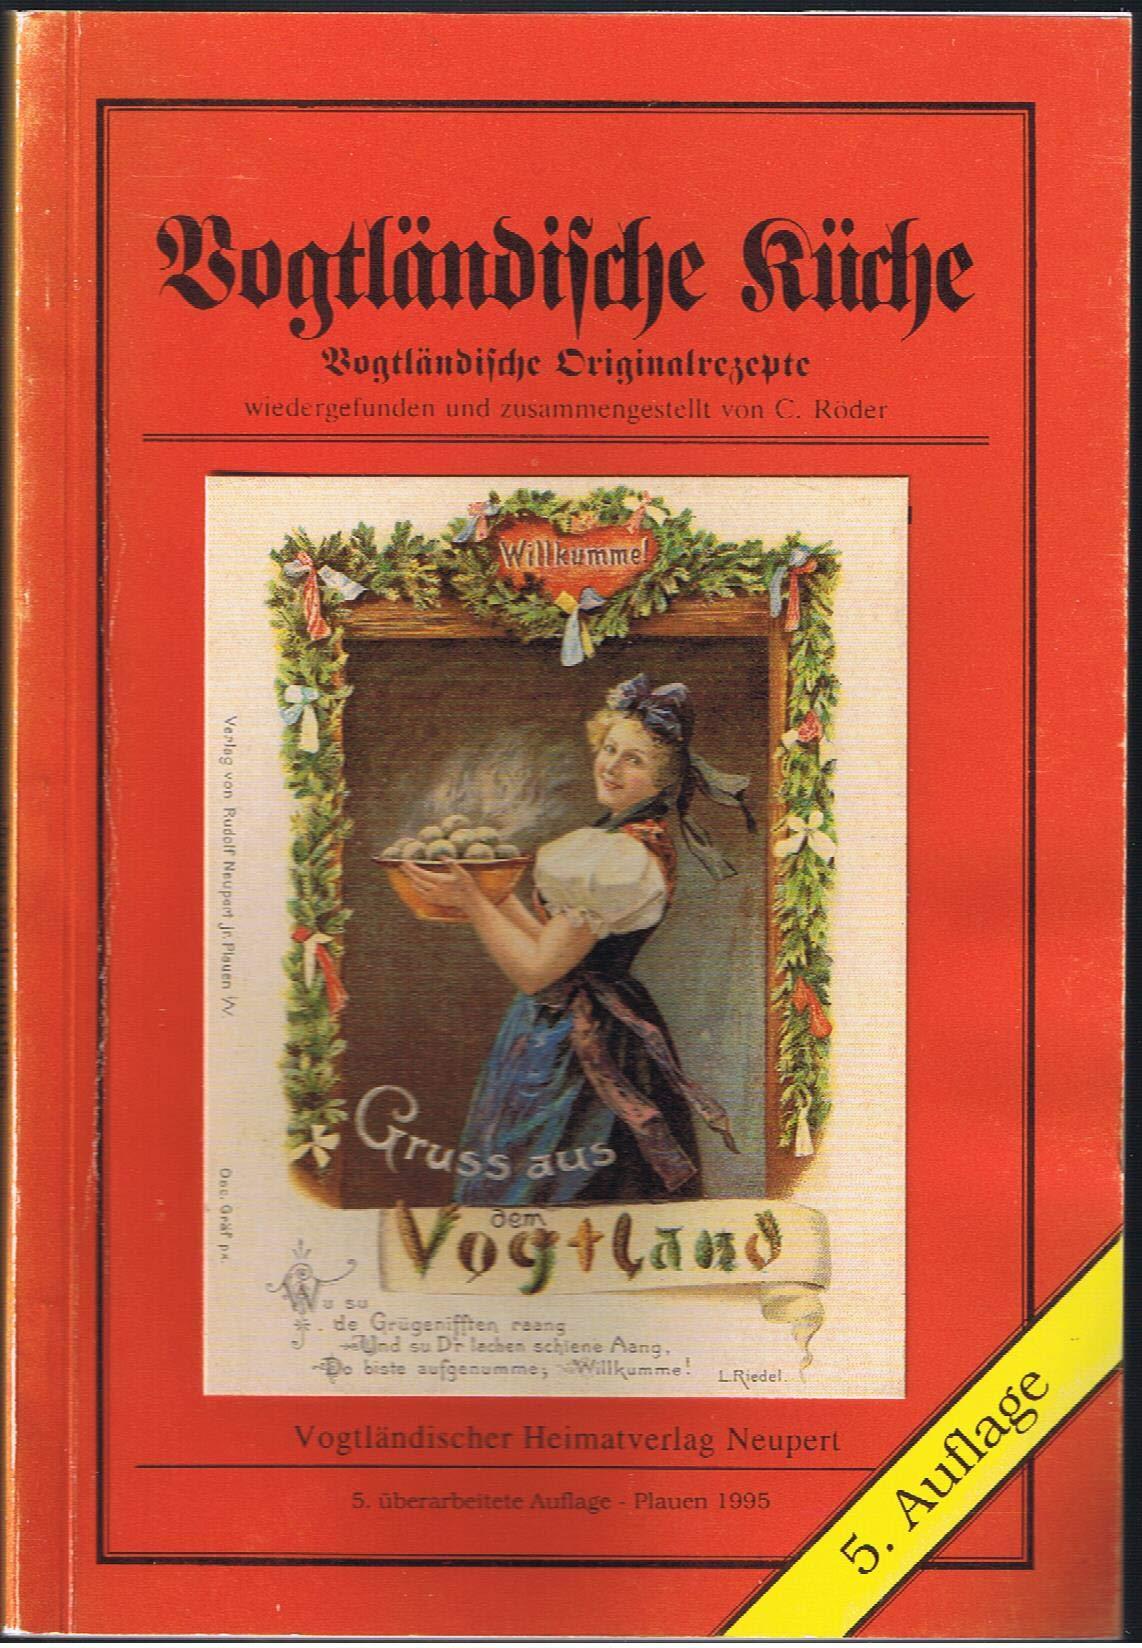 Nice Vogtländische Küche: Vogtländische Originalrezepte: Amazon.de: J Curt  Röder: Bücher